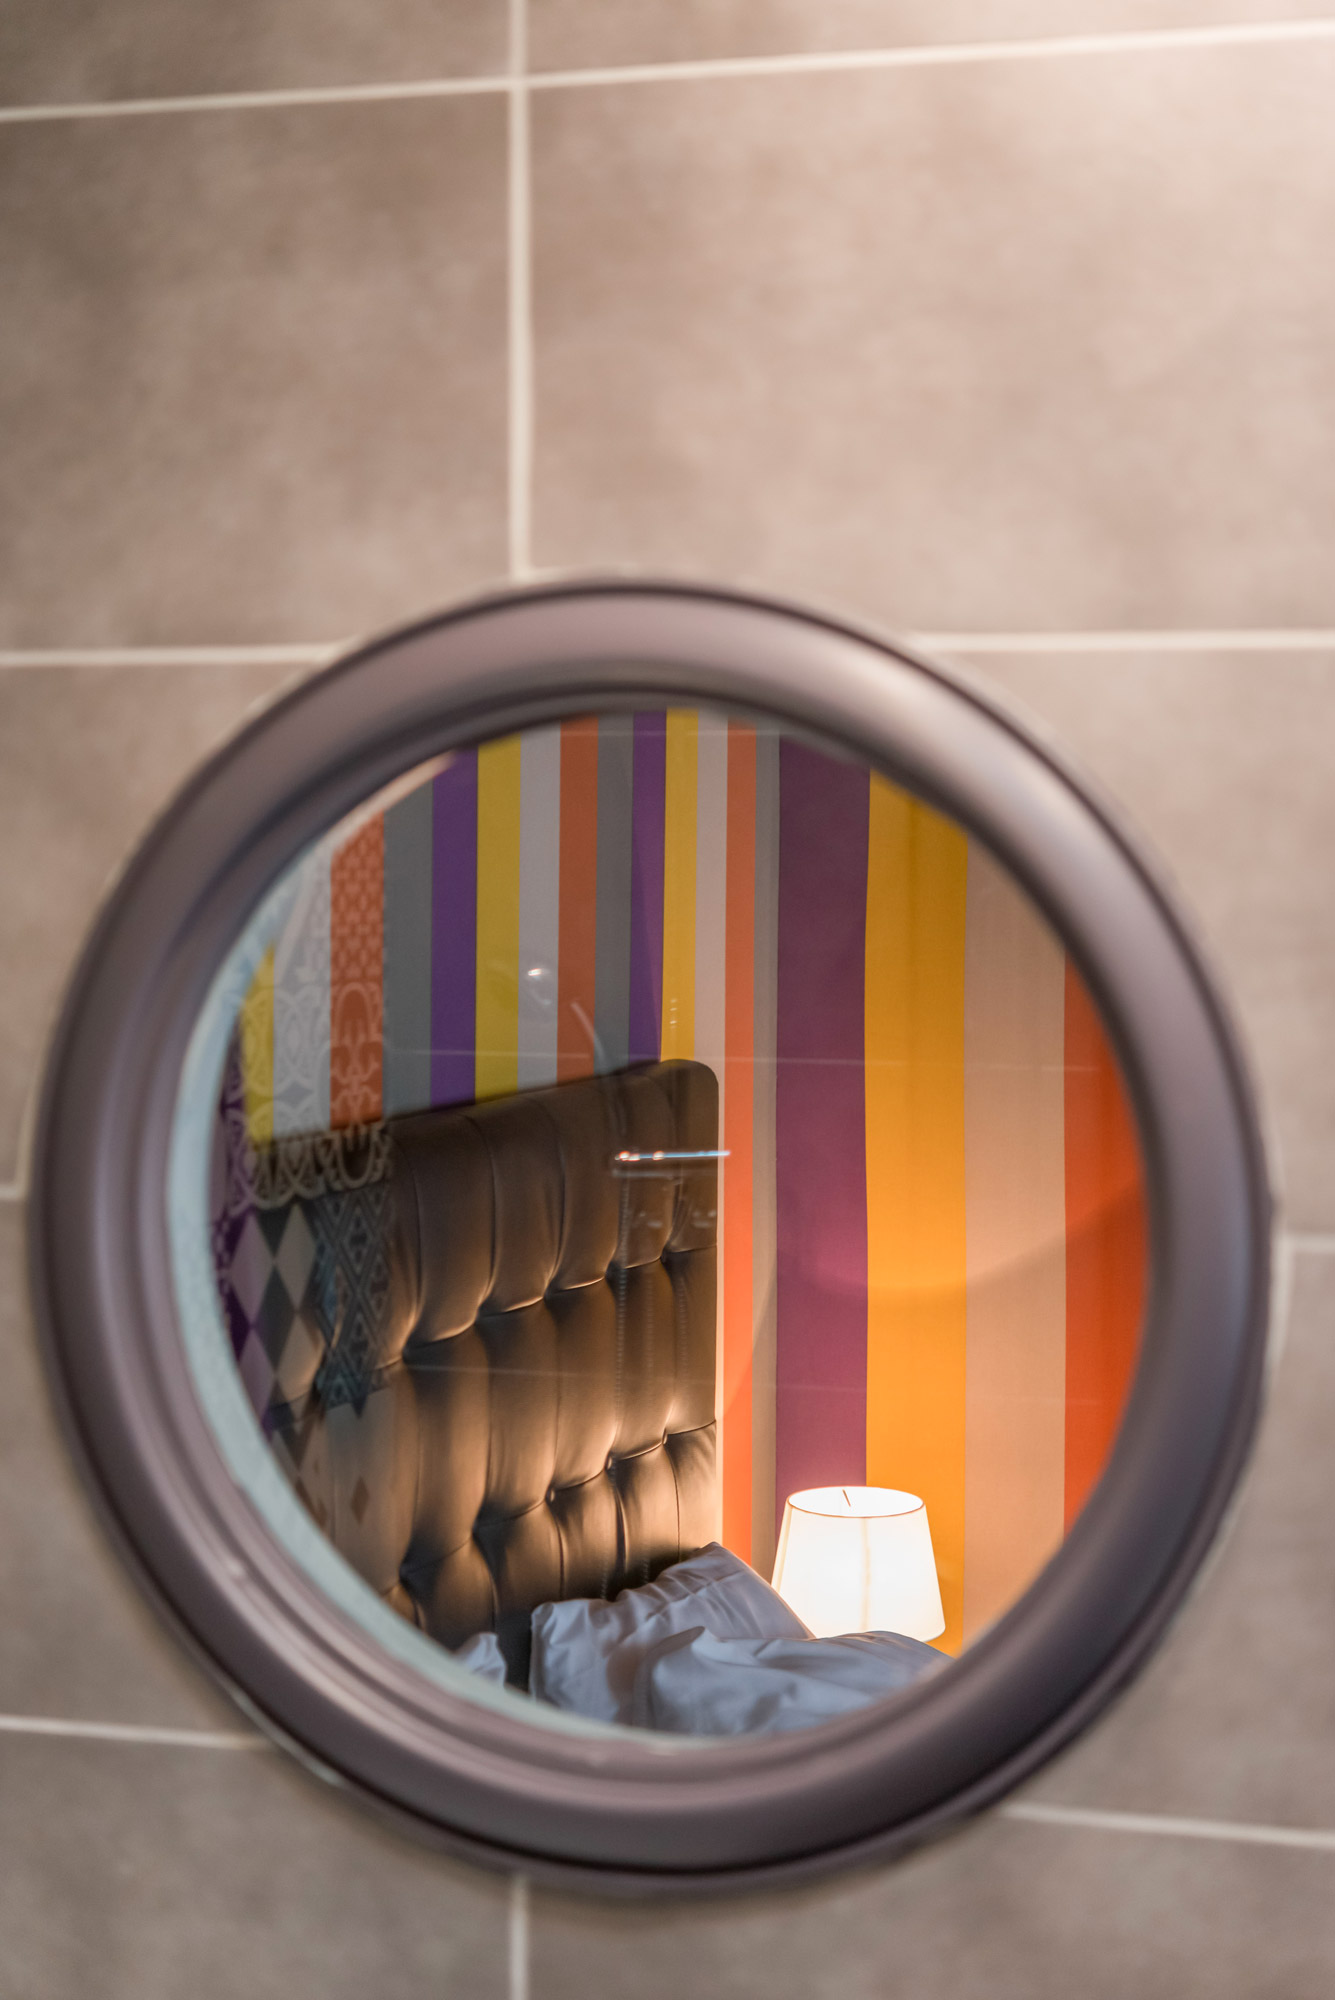 Gros plan sur un miroir de salle de bain reflétant le détail d'un lit avec une tête de lit en cuir